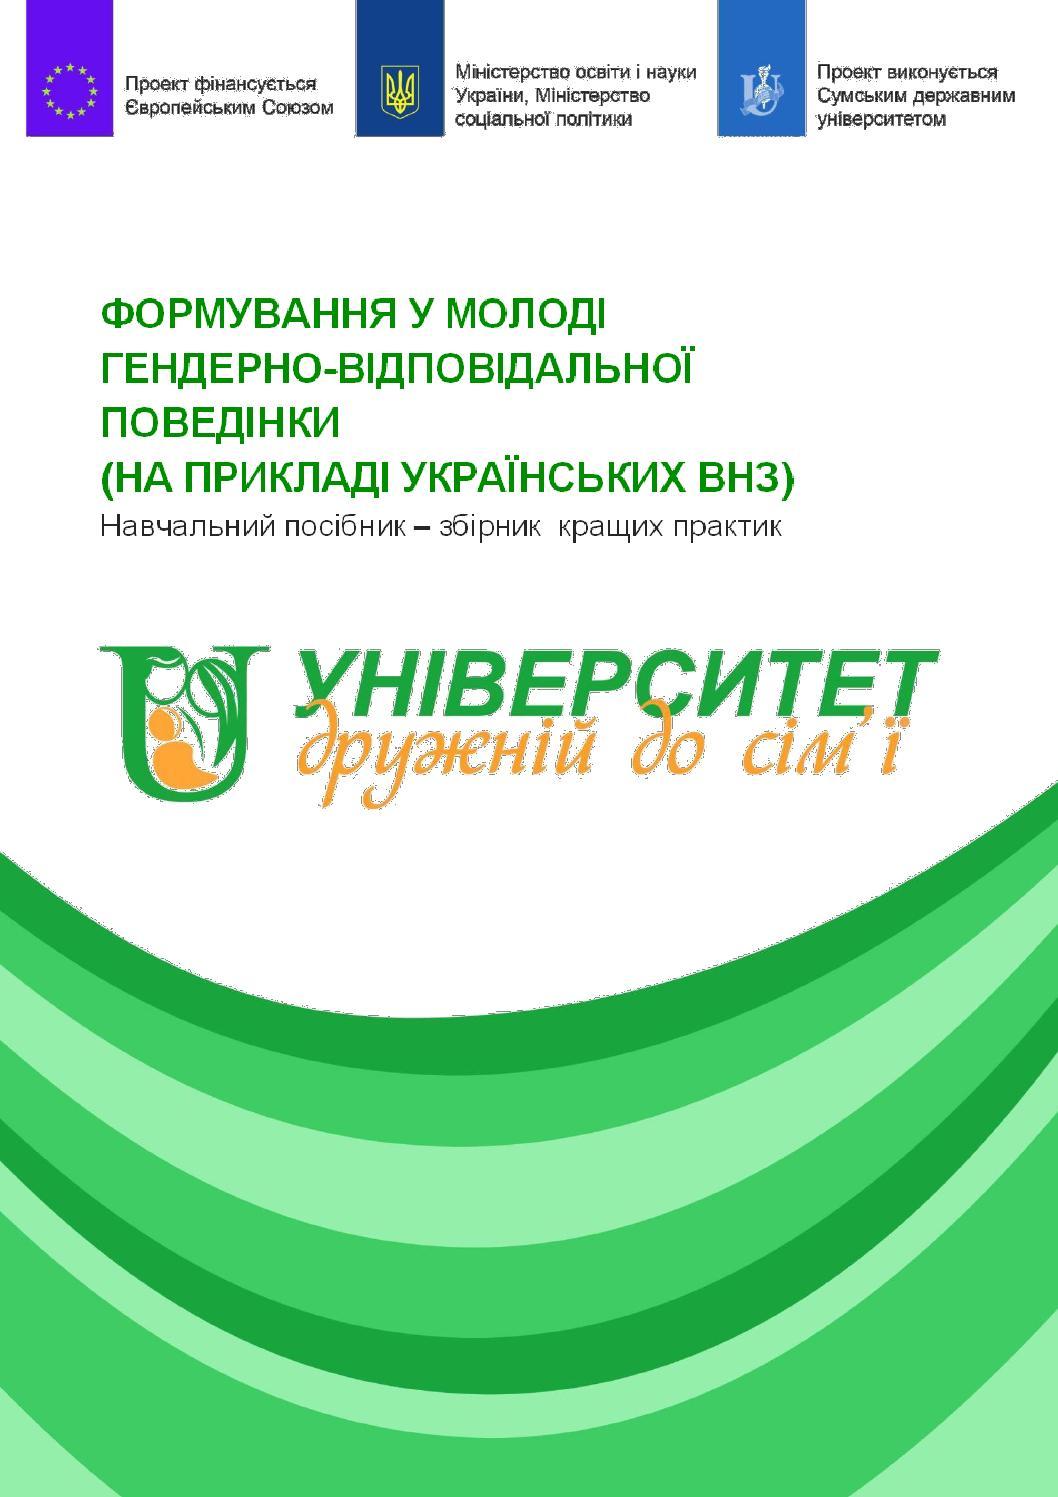 Формування у молоді гендерно-відповідальної поведінки (на прикладі  українських ВНЗ) by Gender Museum - Issuu d63a549014eef